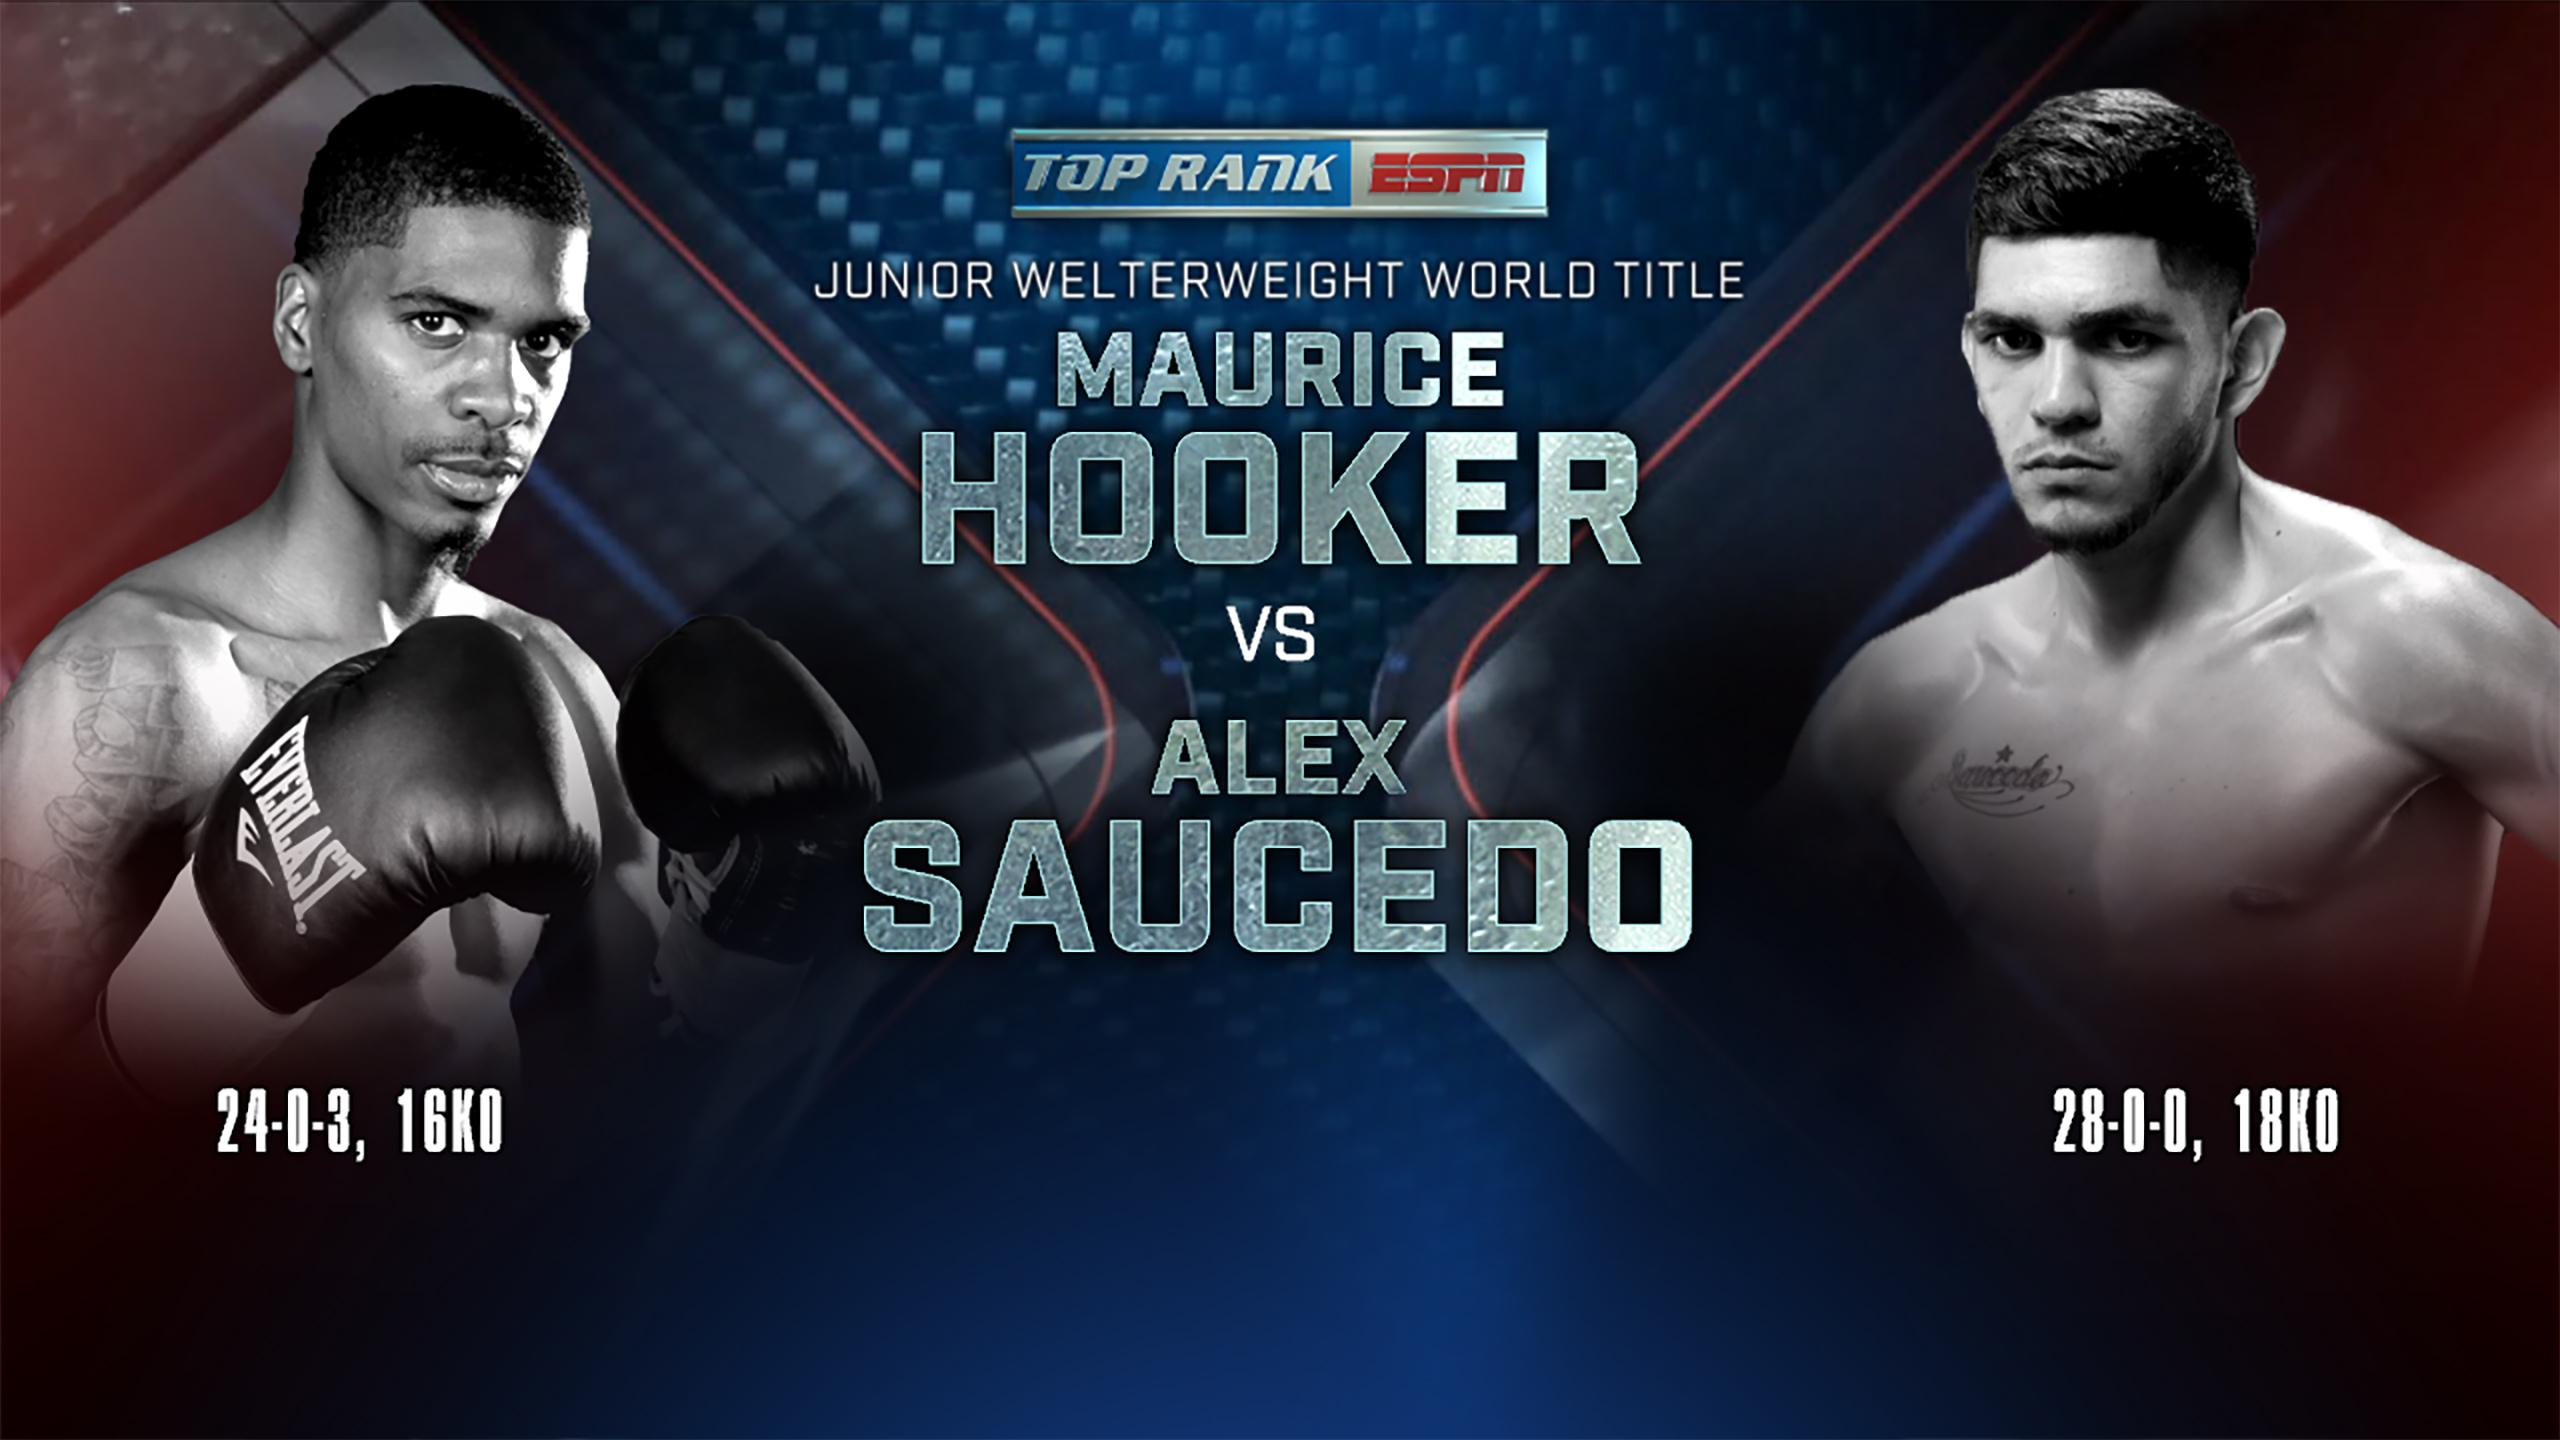 Maurice Hooker vs. Alex Saucedo (re-air)